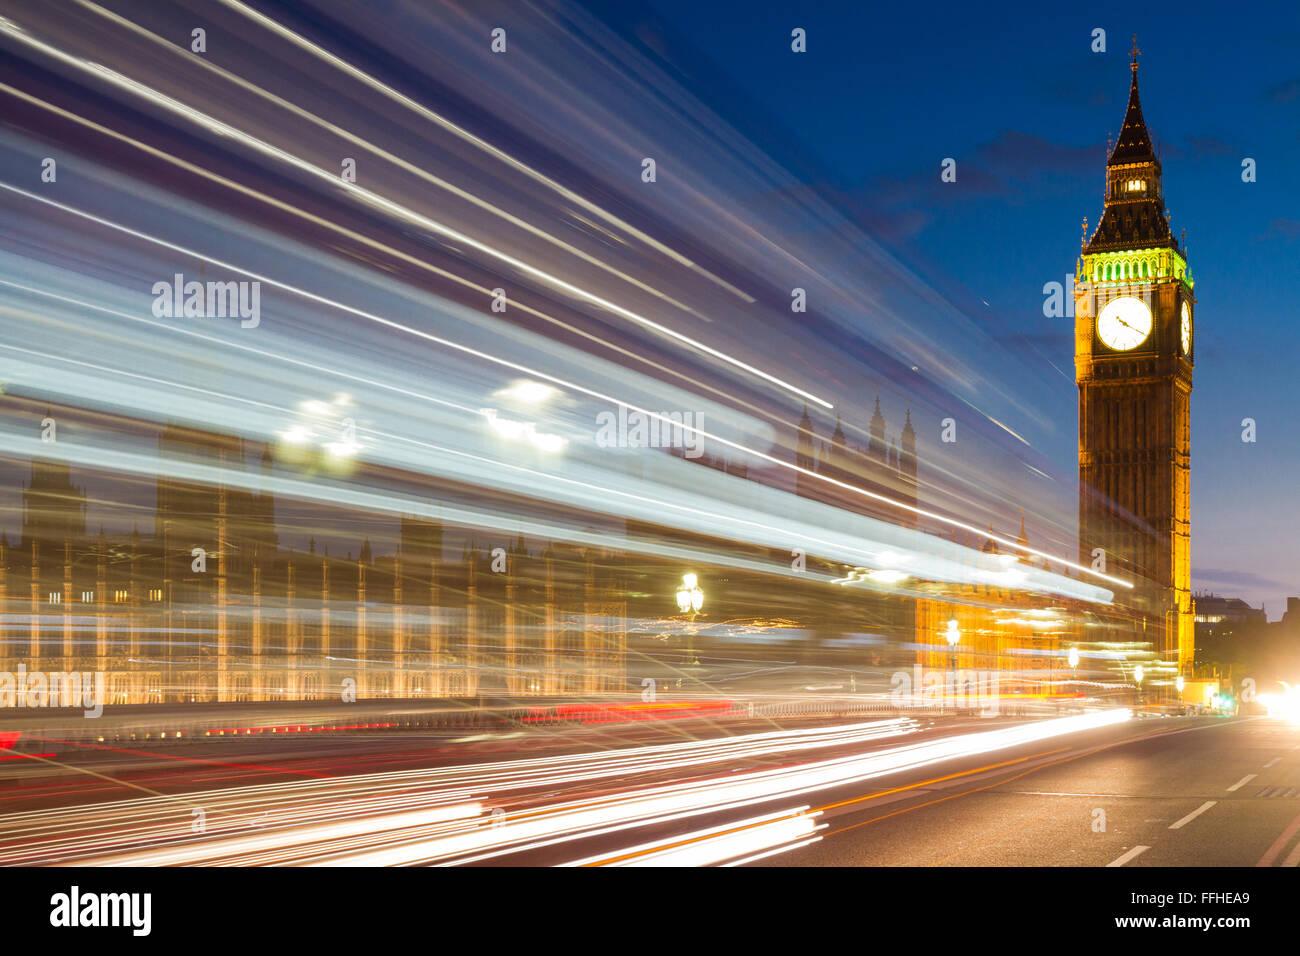 Le linee di traffico nella parte anteriore del Big Ben di Londra, Inghilterra Immagini Stock